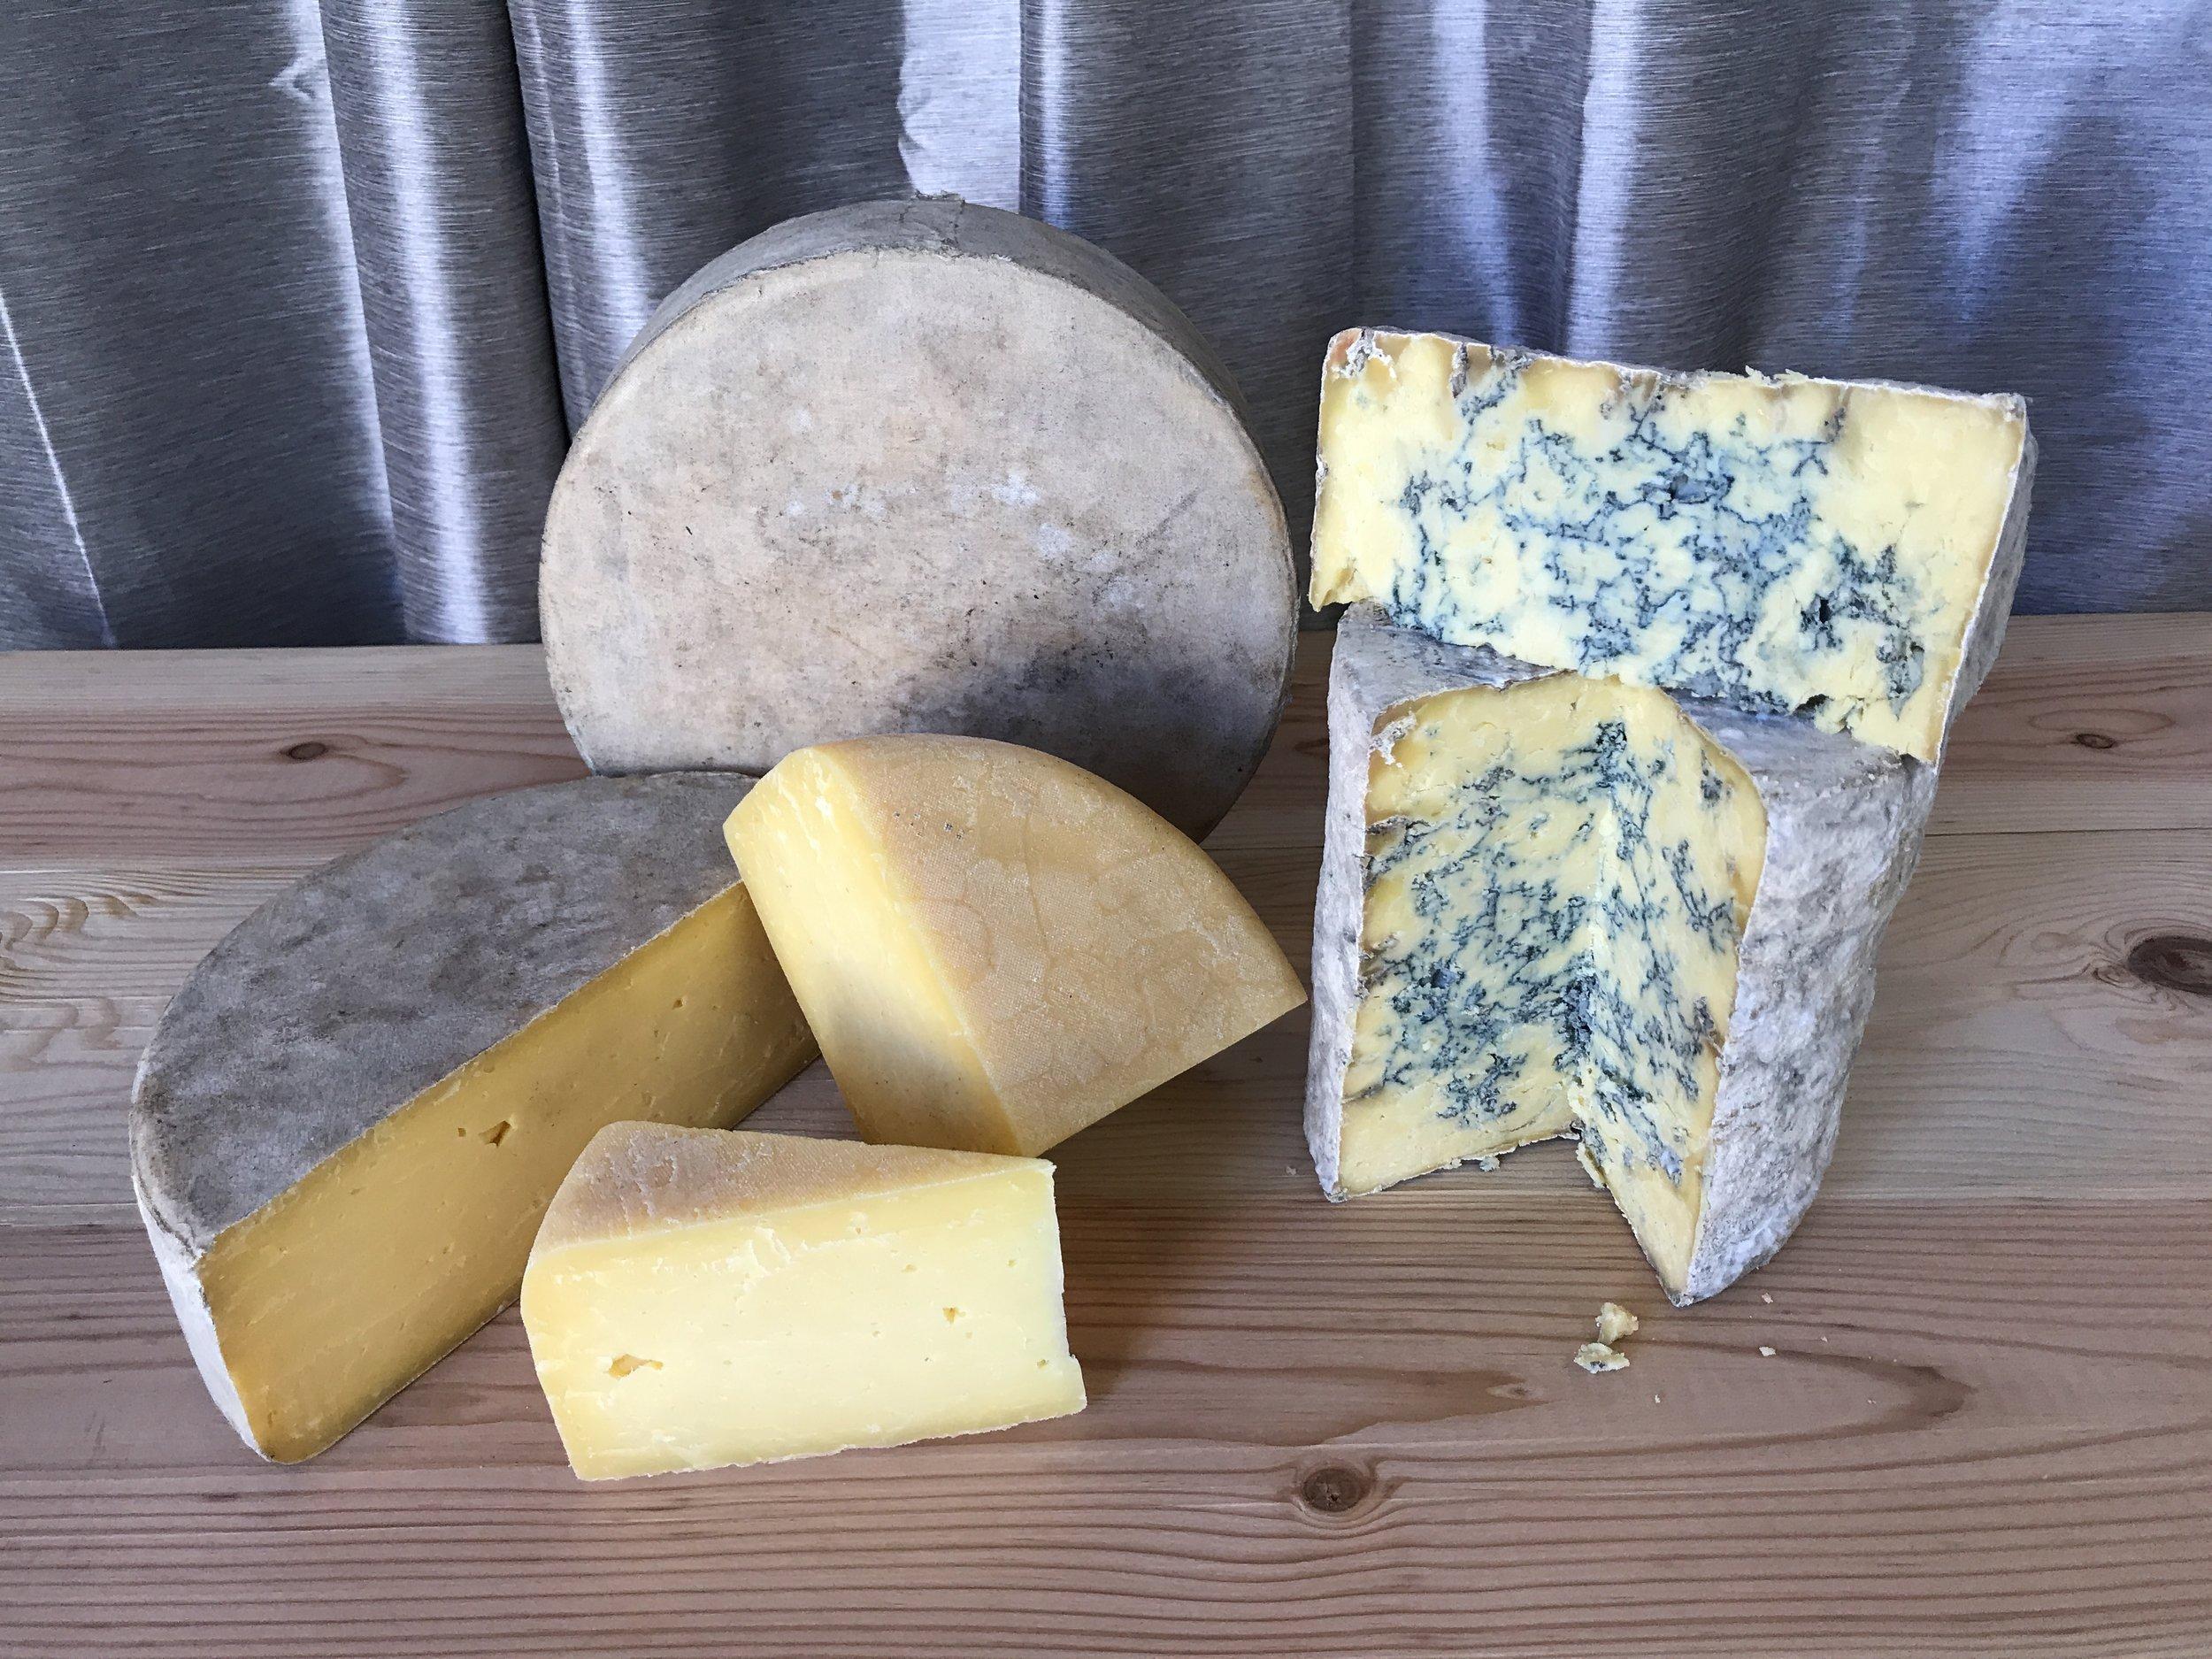 William Cofield Cheesmakers - Proper British Cheese